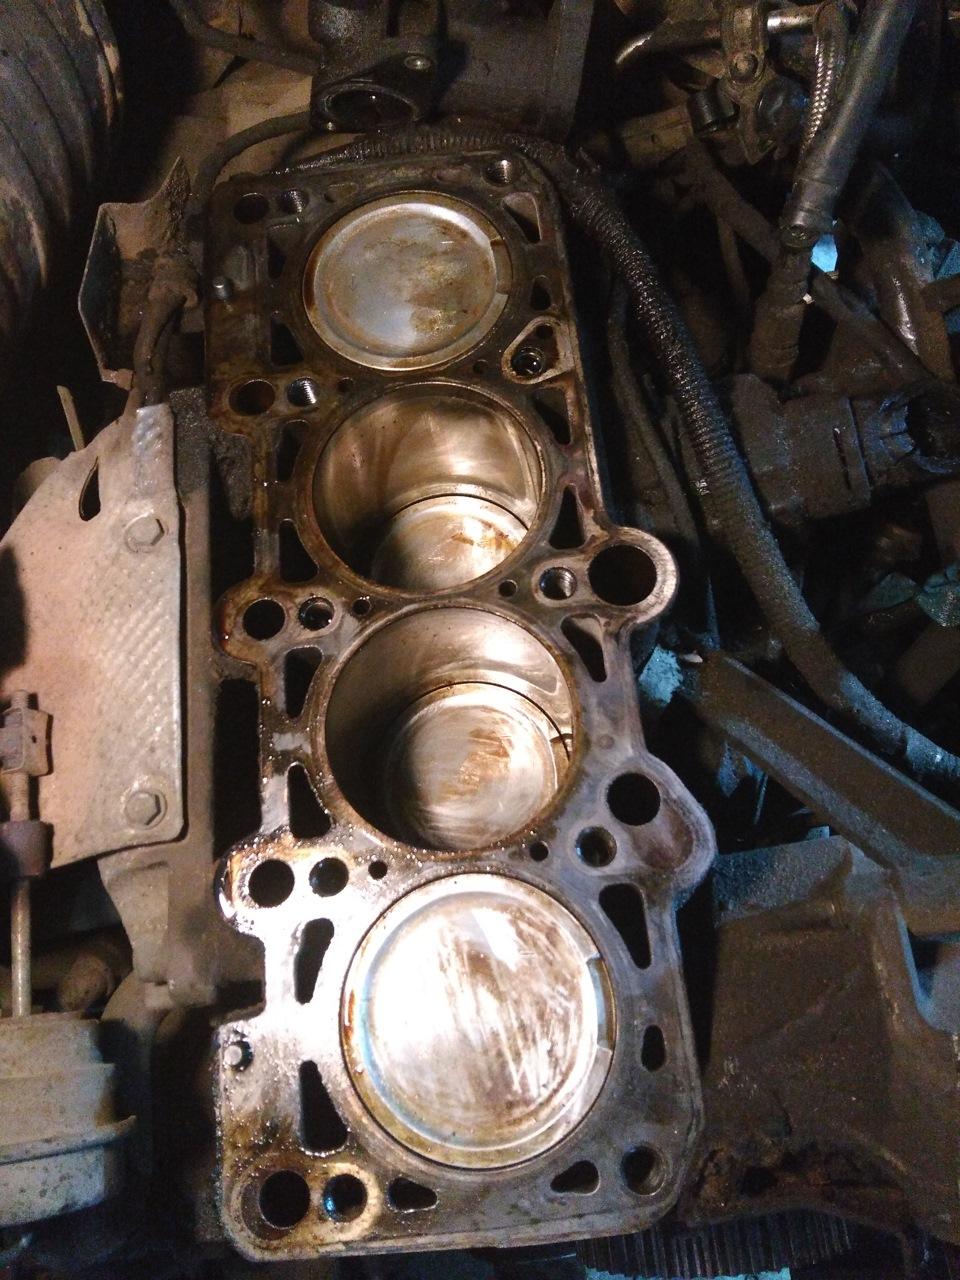 vw passat b5 1.8t схема двигателя